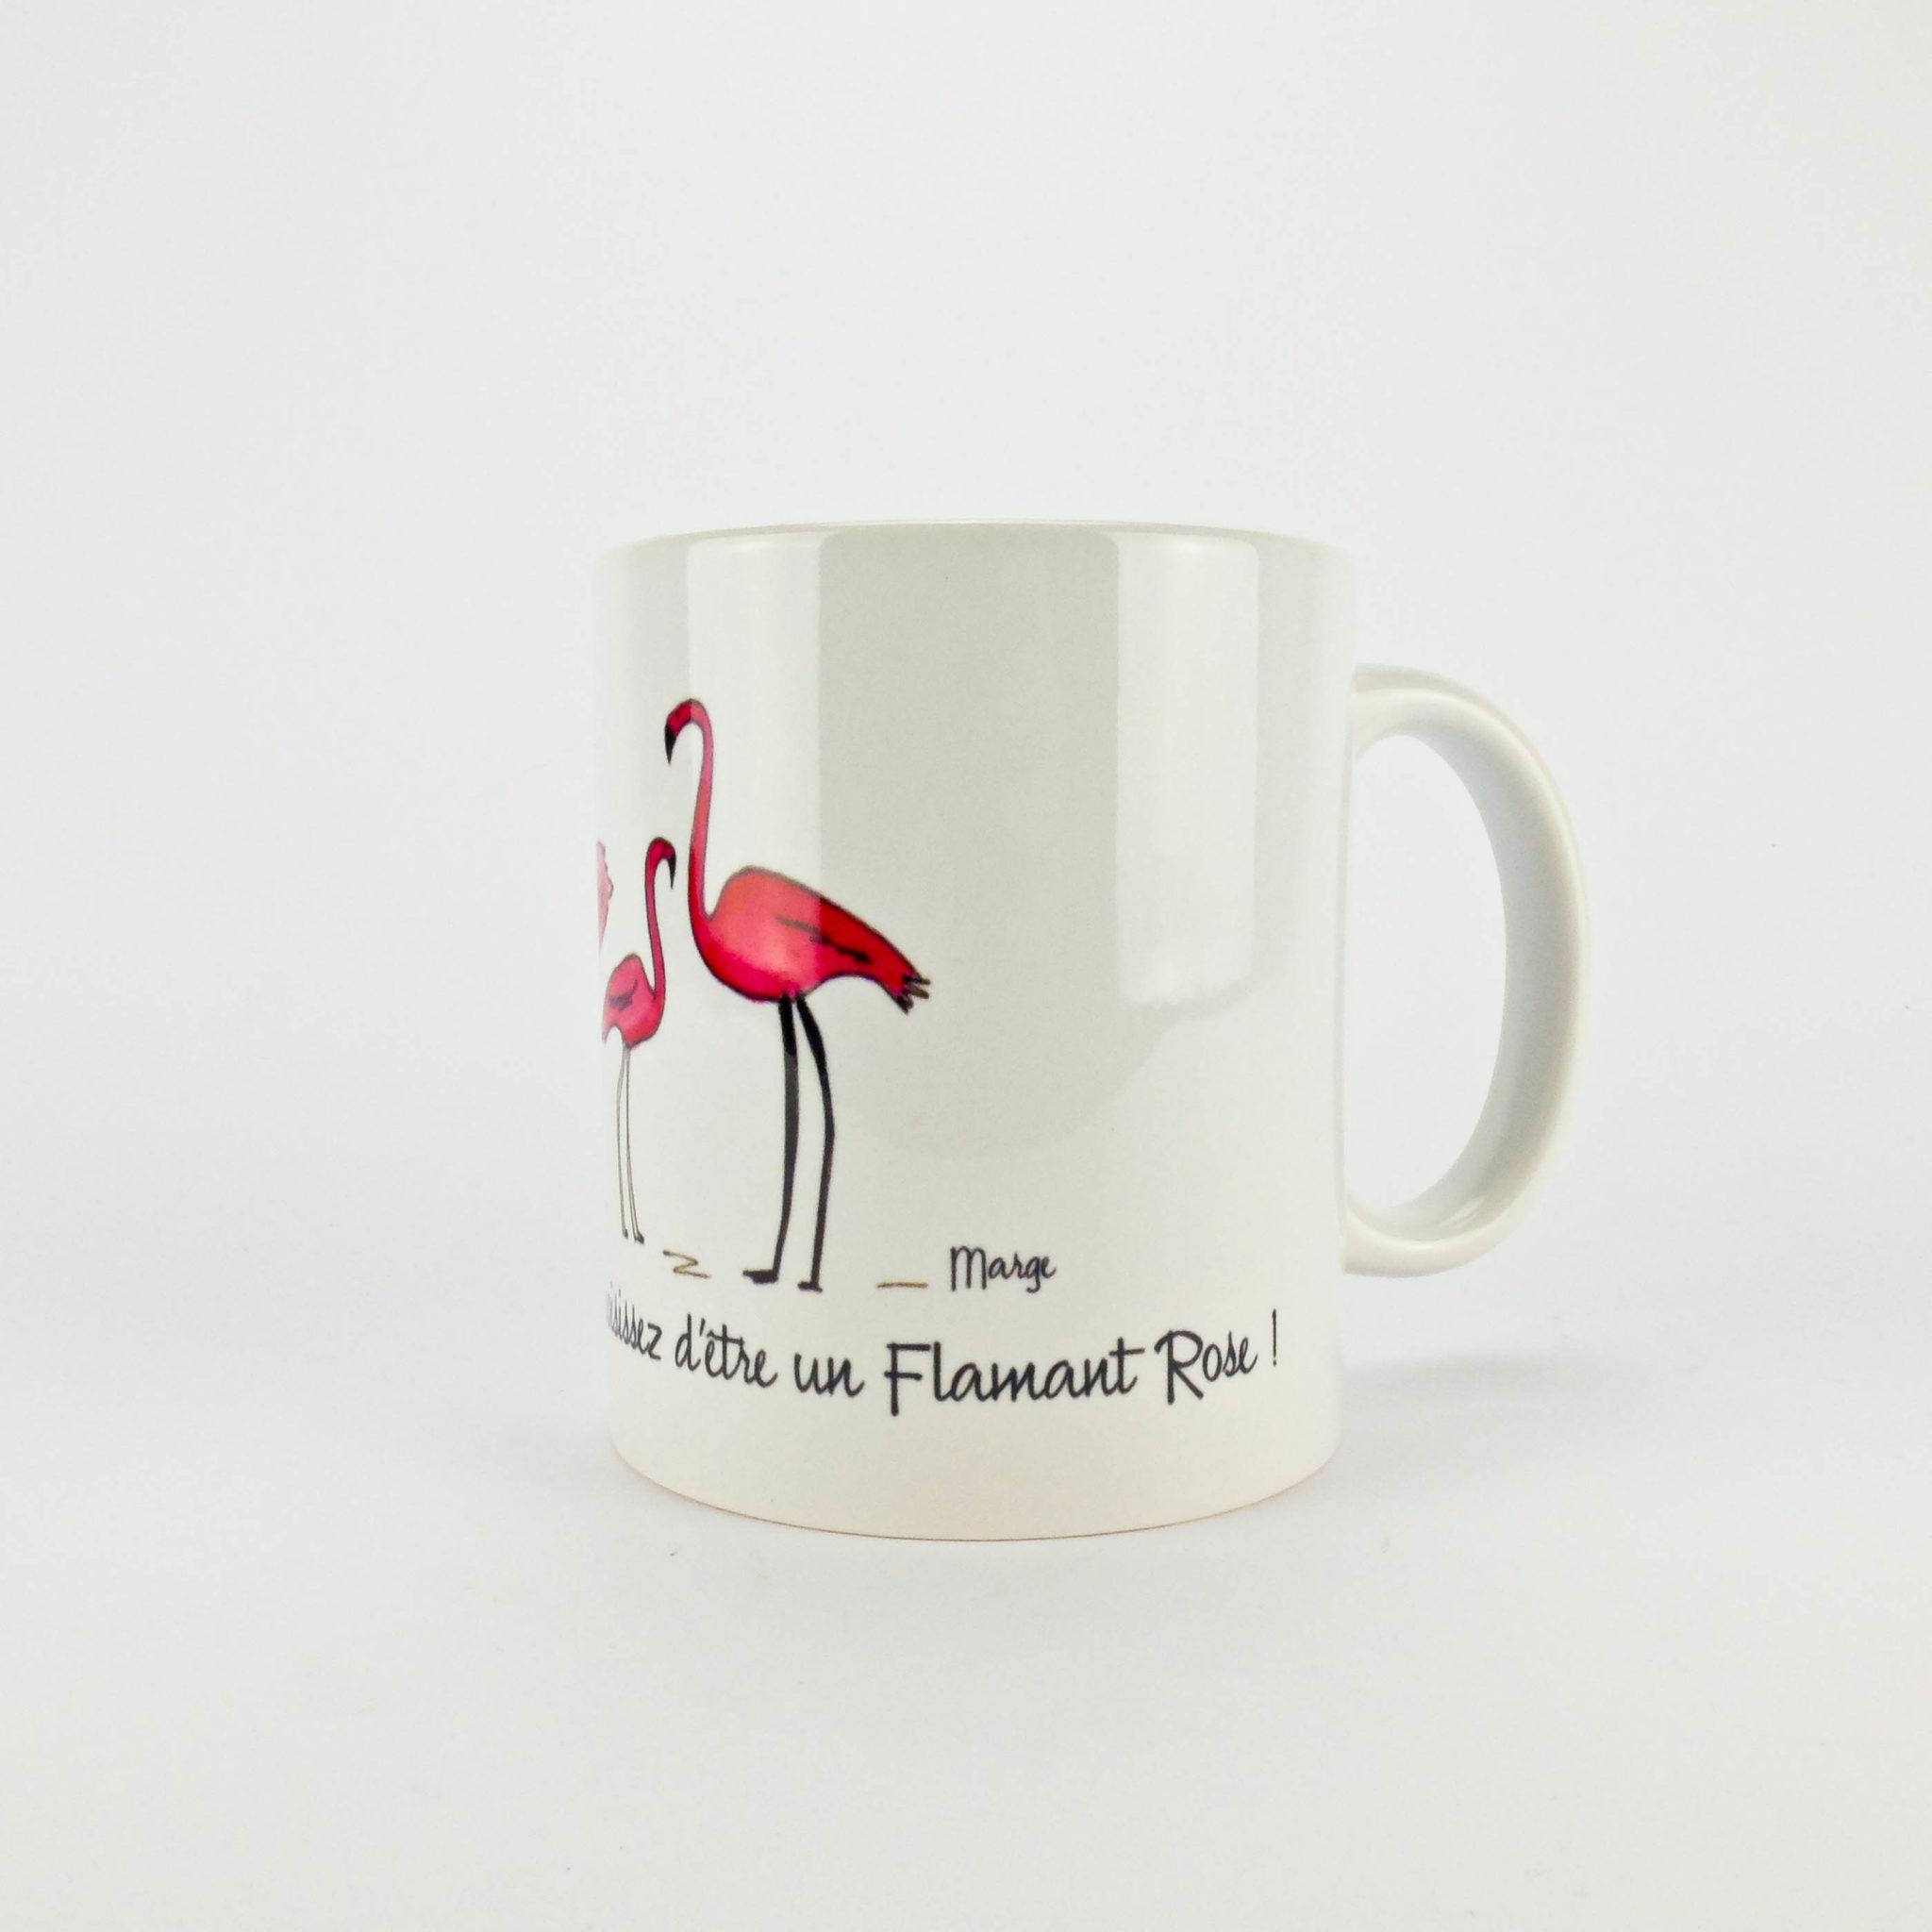 flamant rose mug le march super. Black Bedroom Furniture Sets. Home Design Ideas